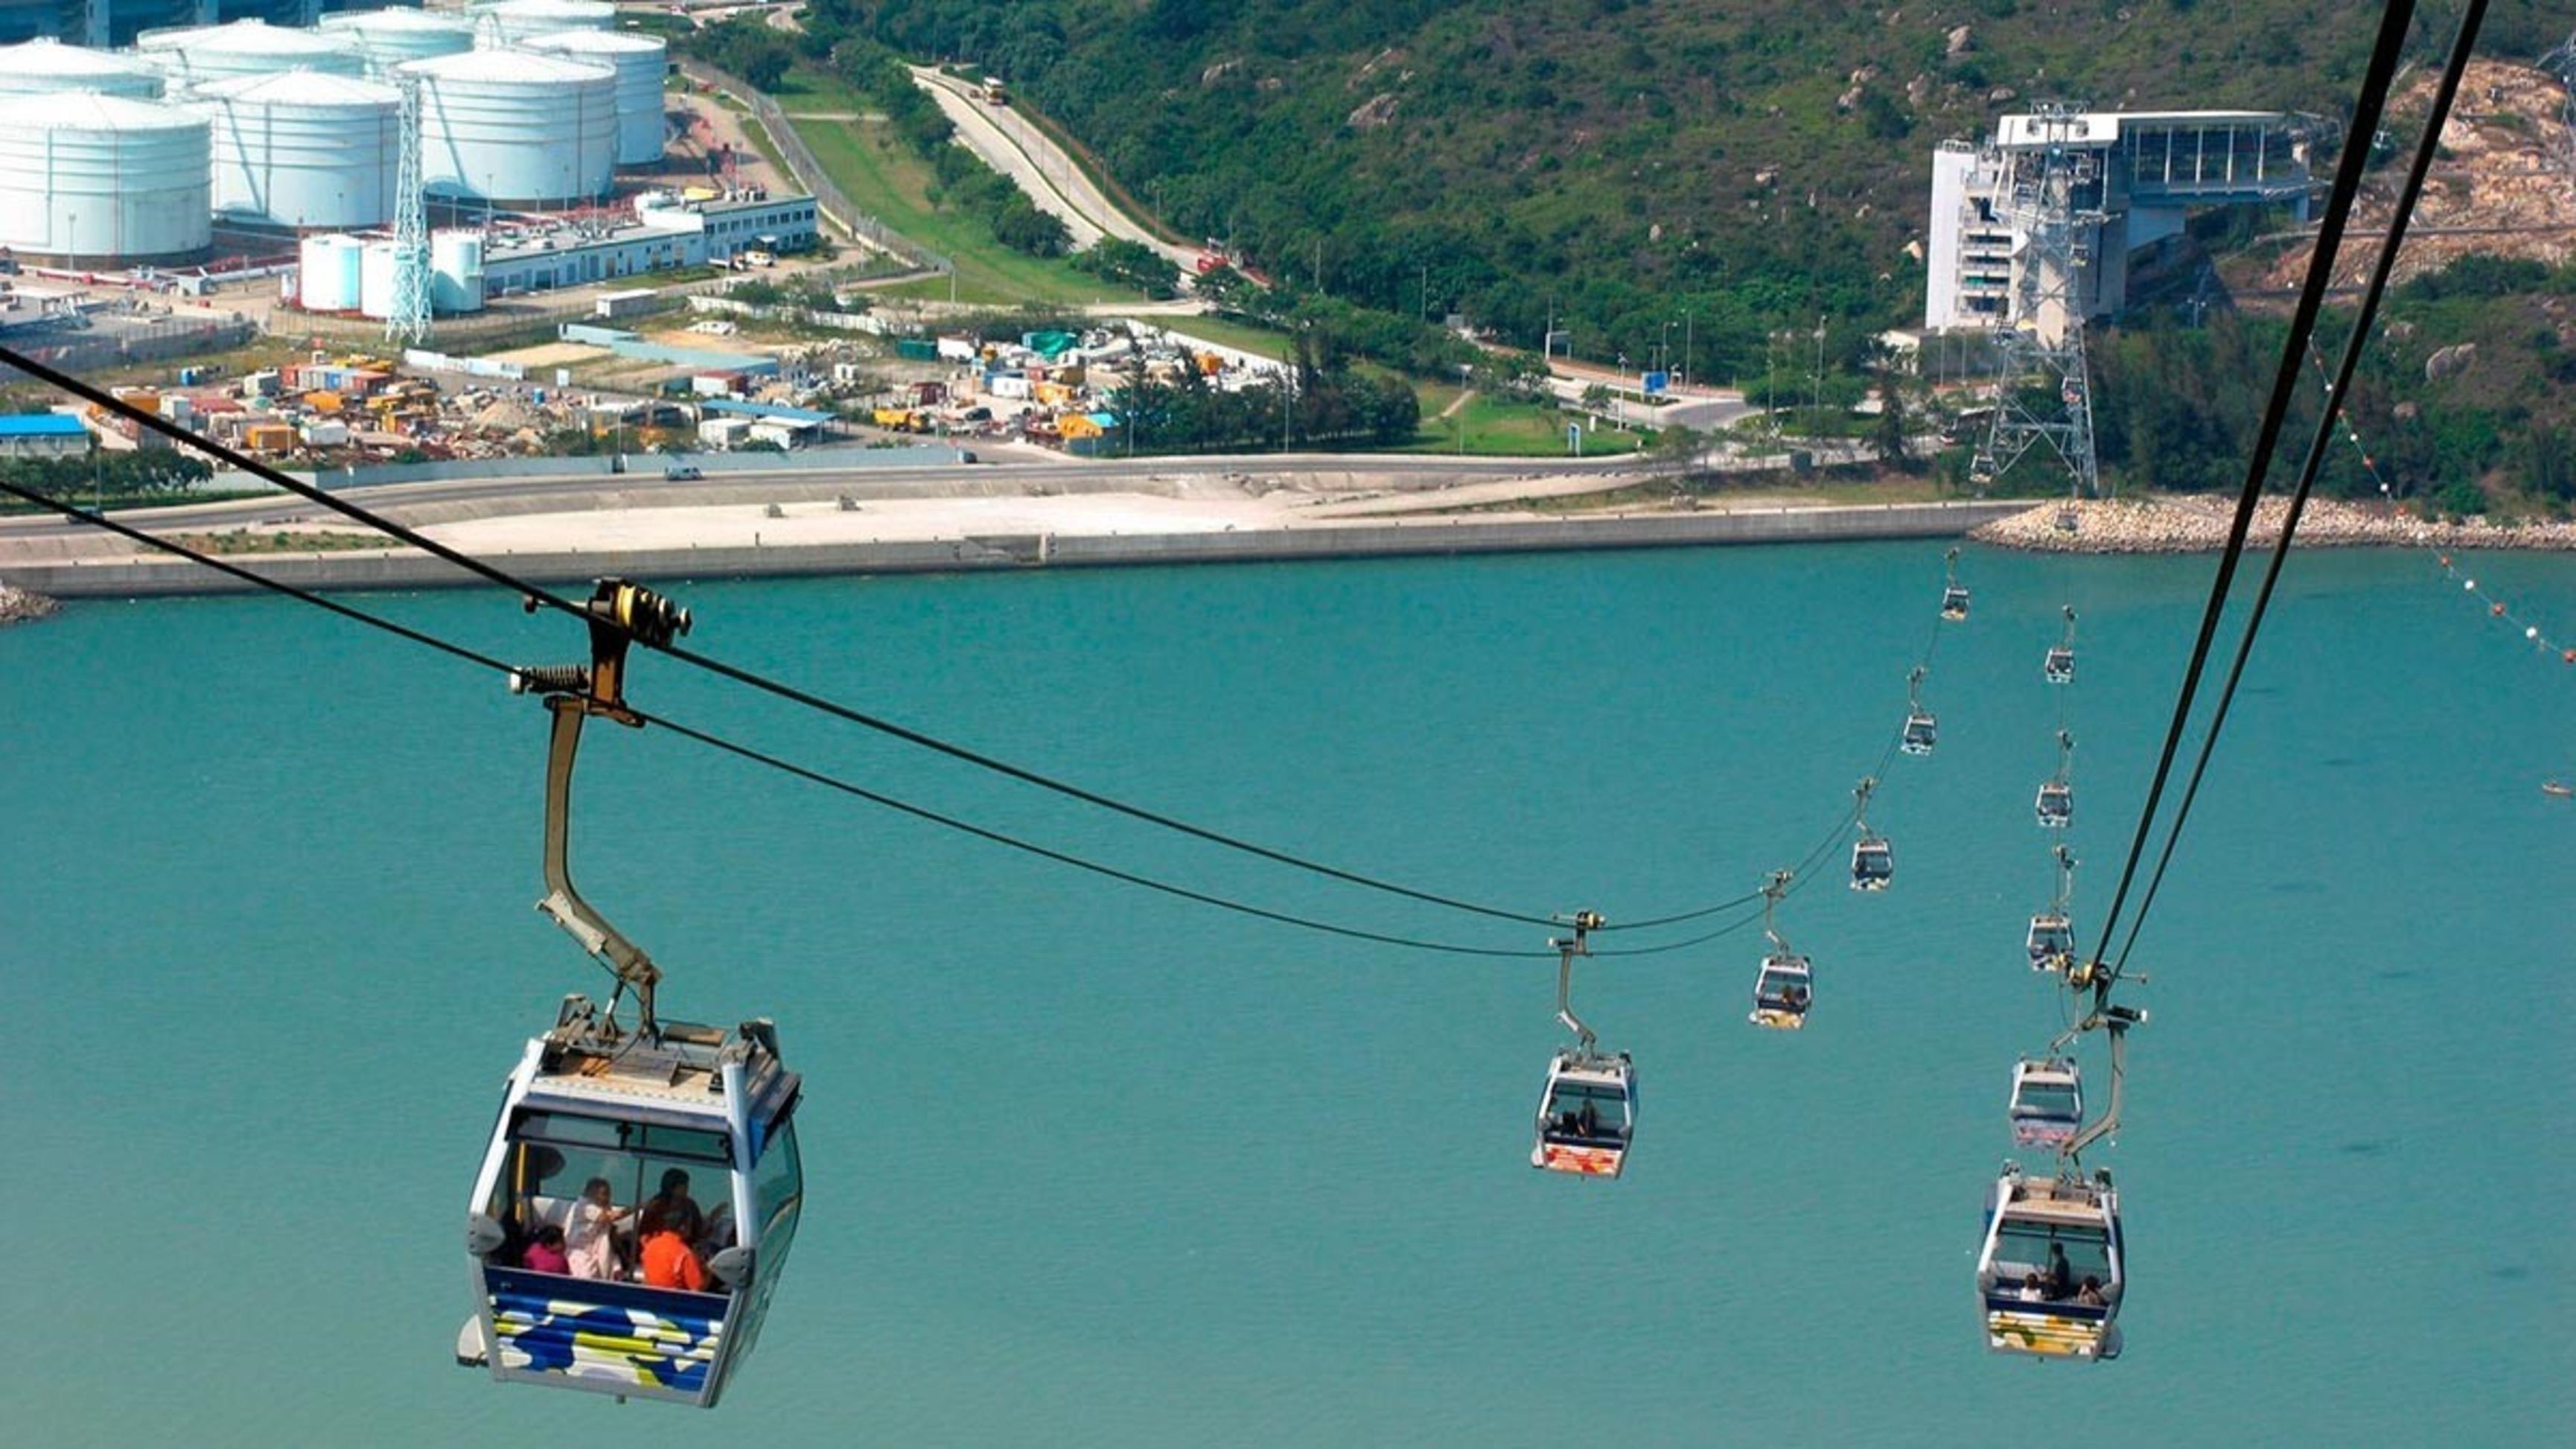 มหัศจรรย์ HONG KONG SHENZHEN